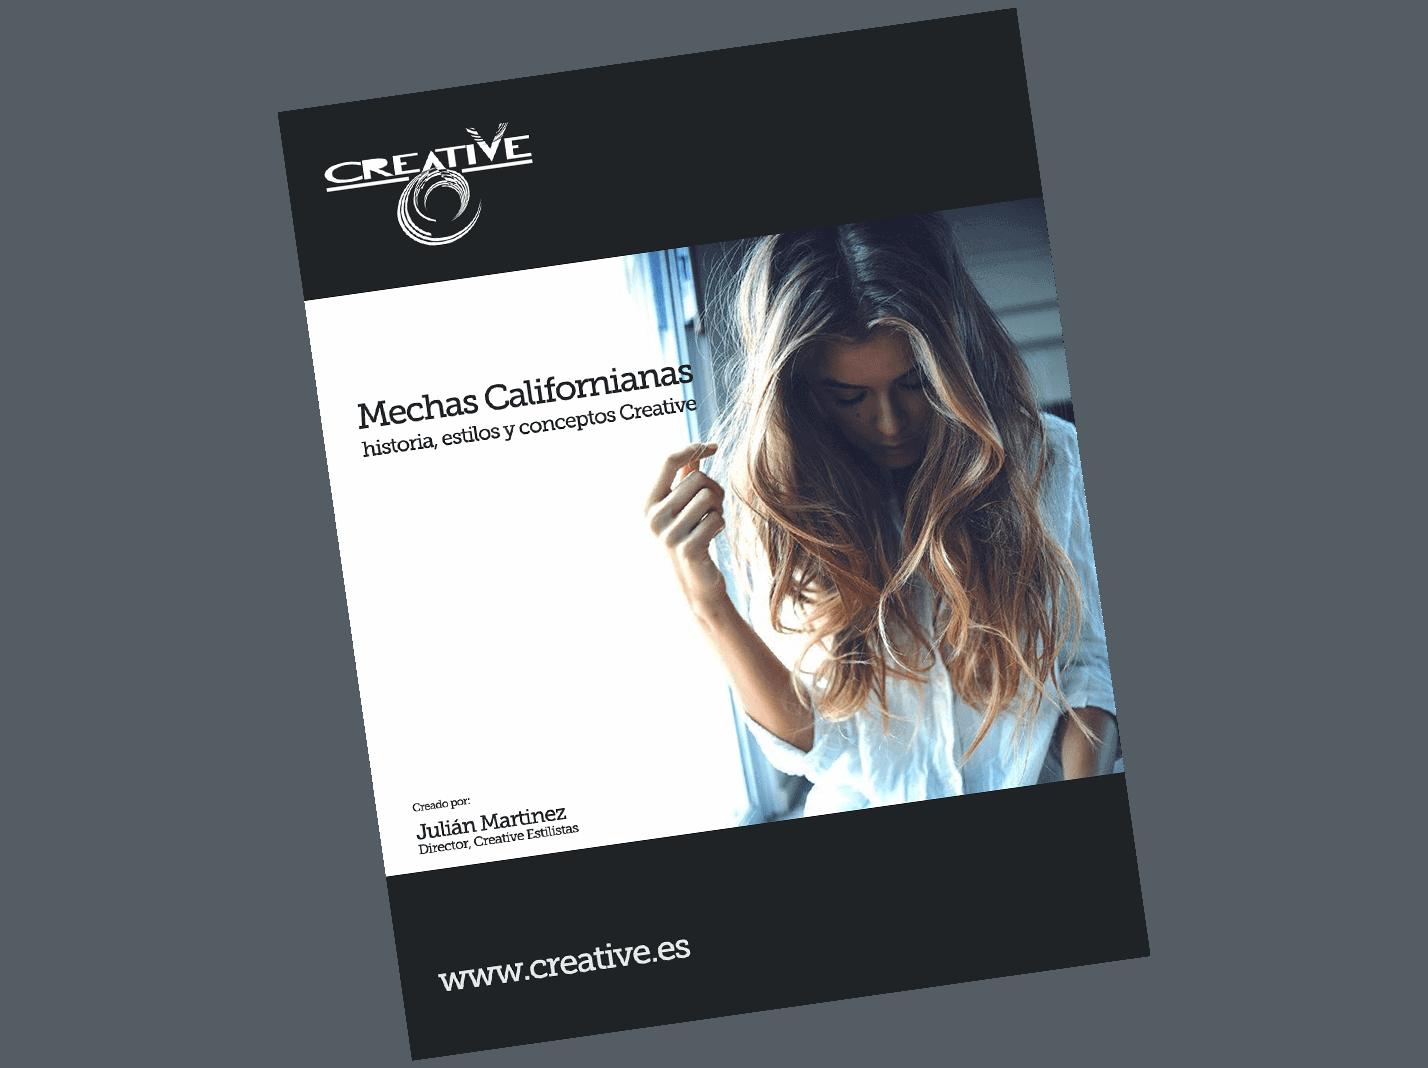 PDF Mechas Californianas Creative Estilistas Peluquería en Alicante